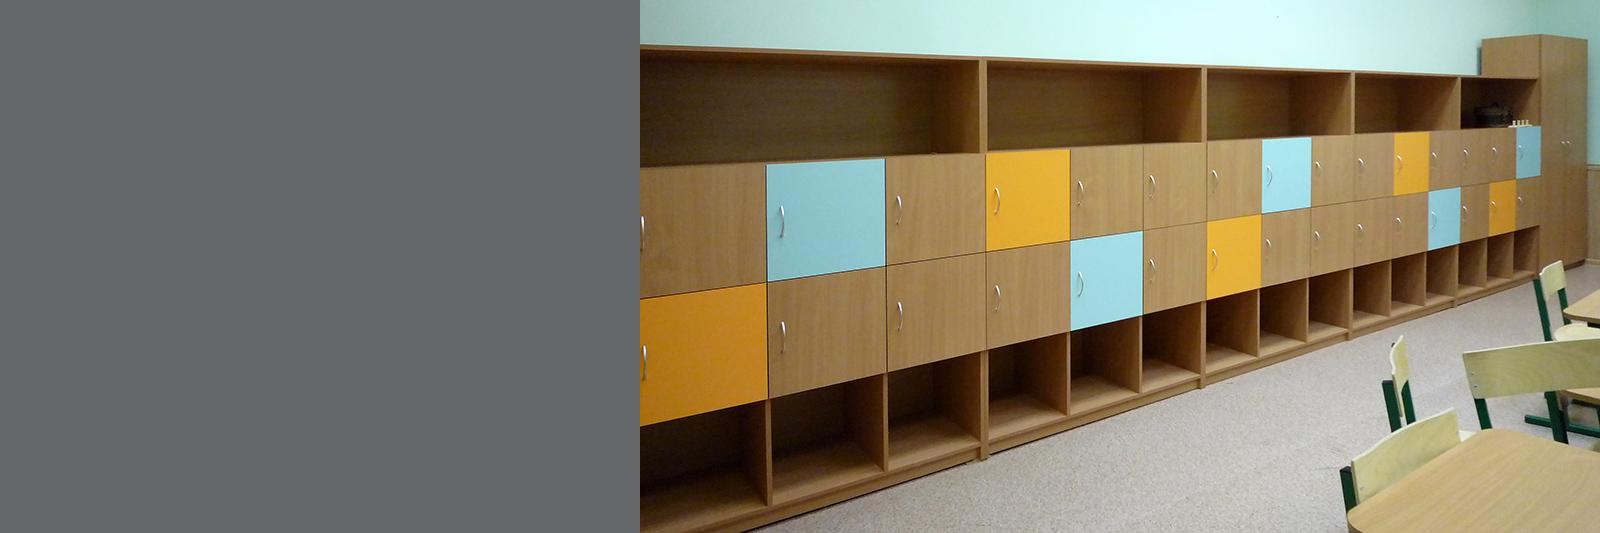 Школьная мебель на заказ от производителя - фабрики атрима-м.